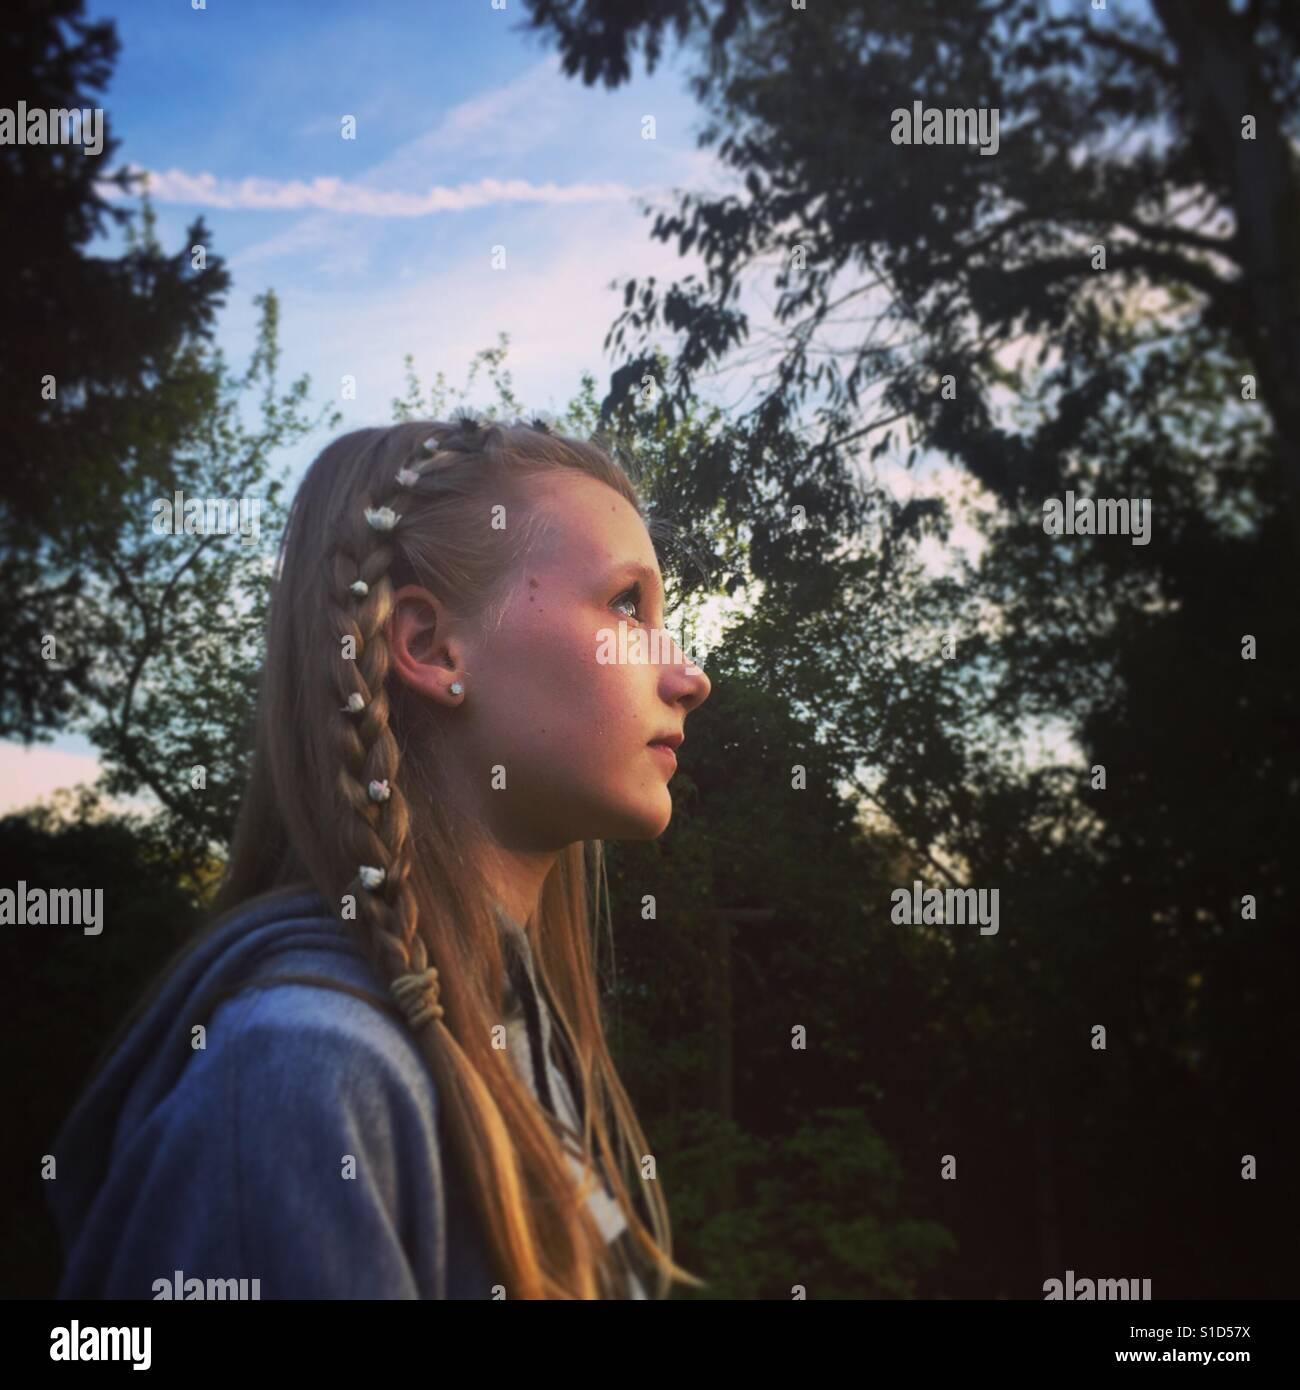 Porträt eines Mädchens mit Gänseblümchen im Haar. Stockfoto